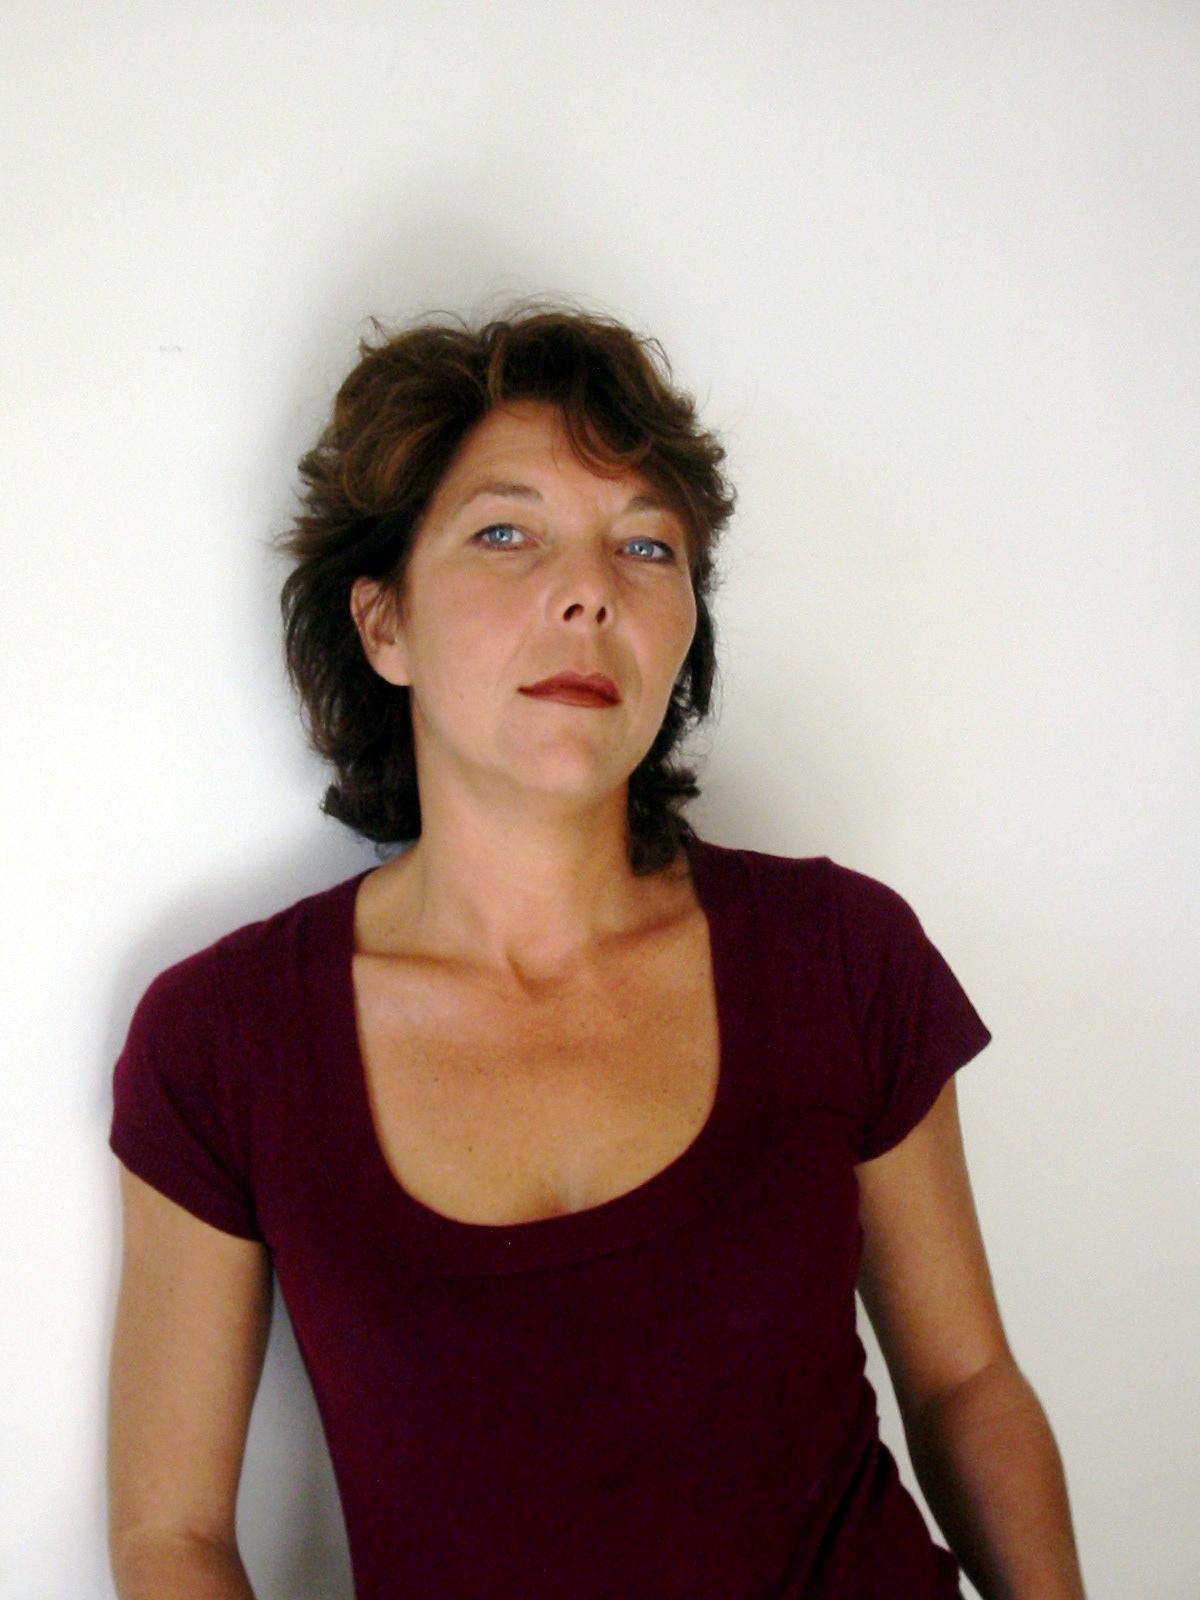 Author and art specialist Anne-Laure Thiéblemont